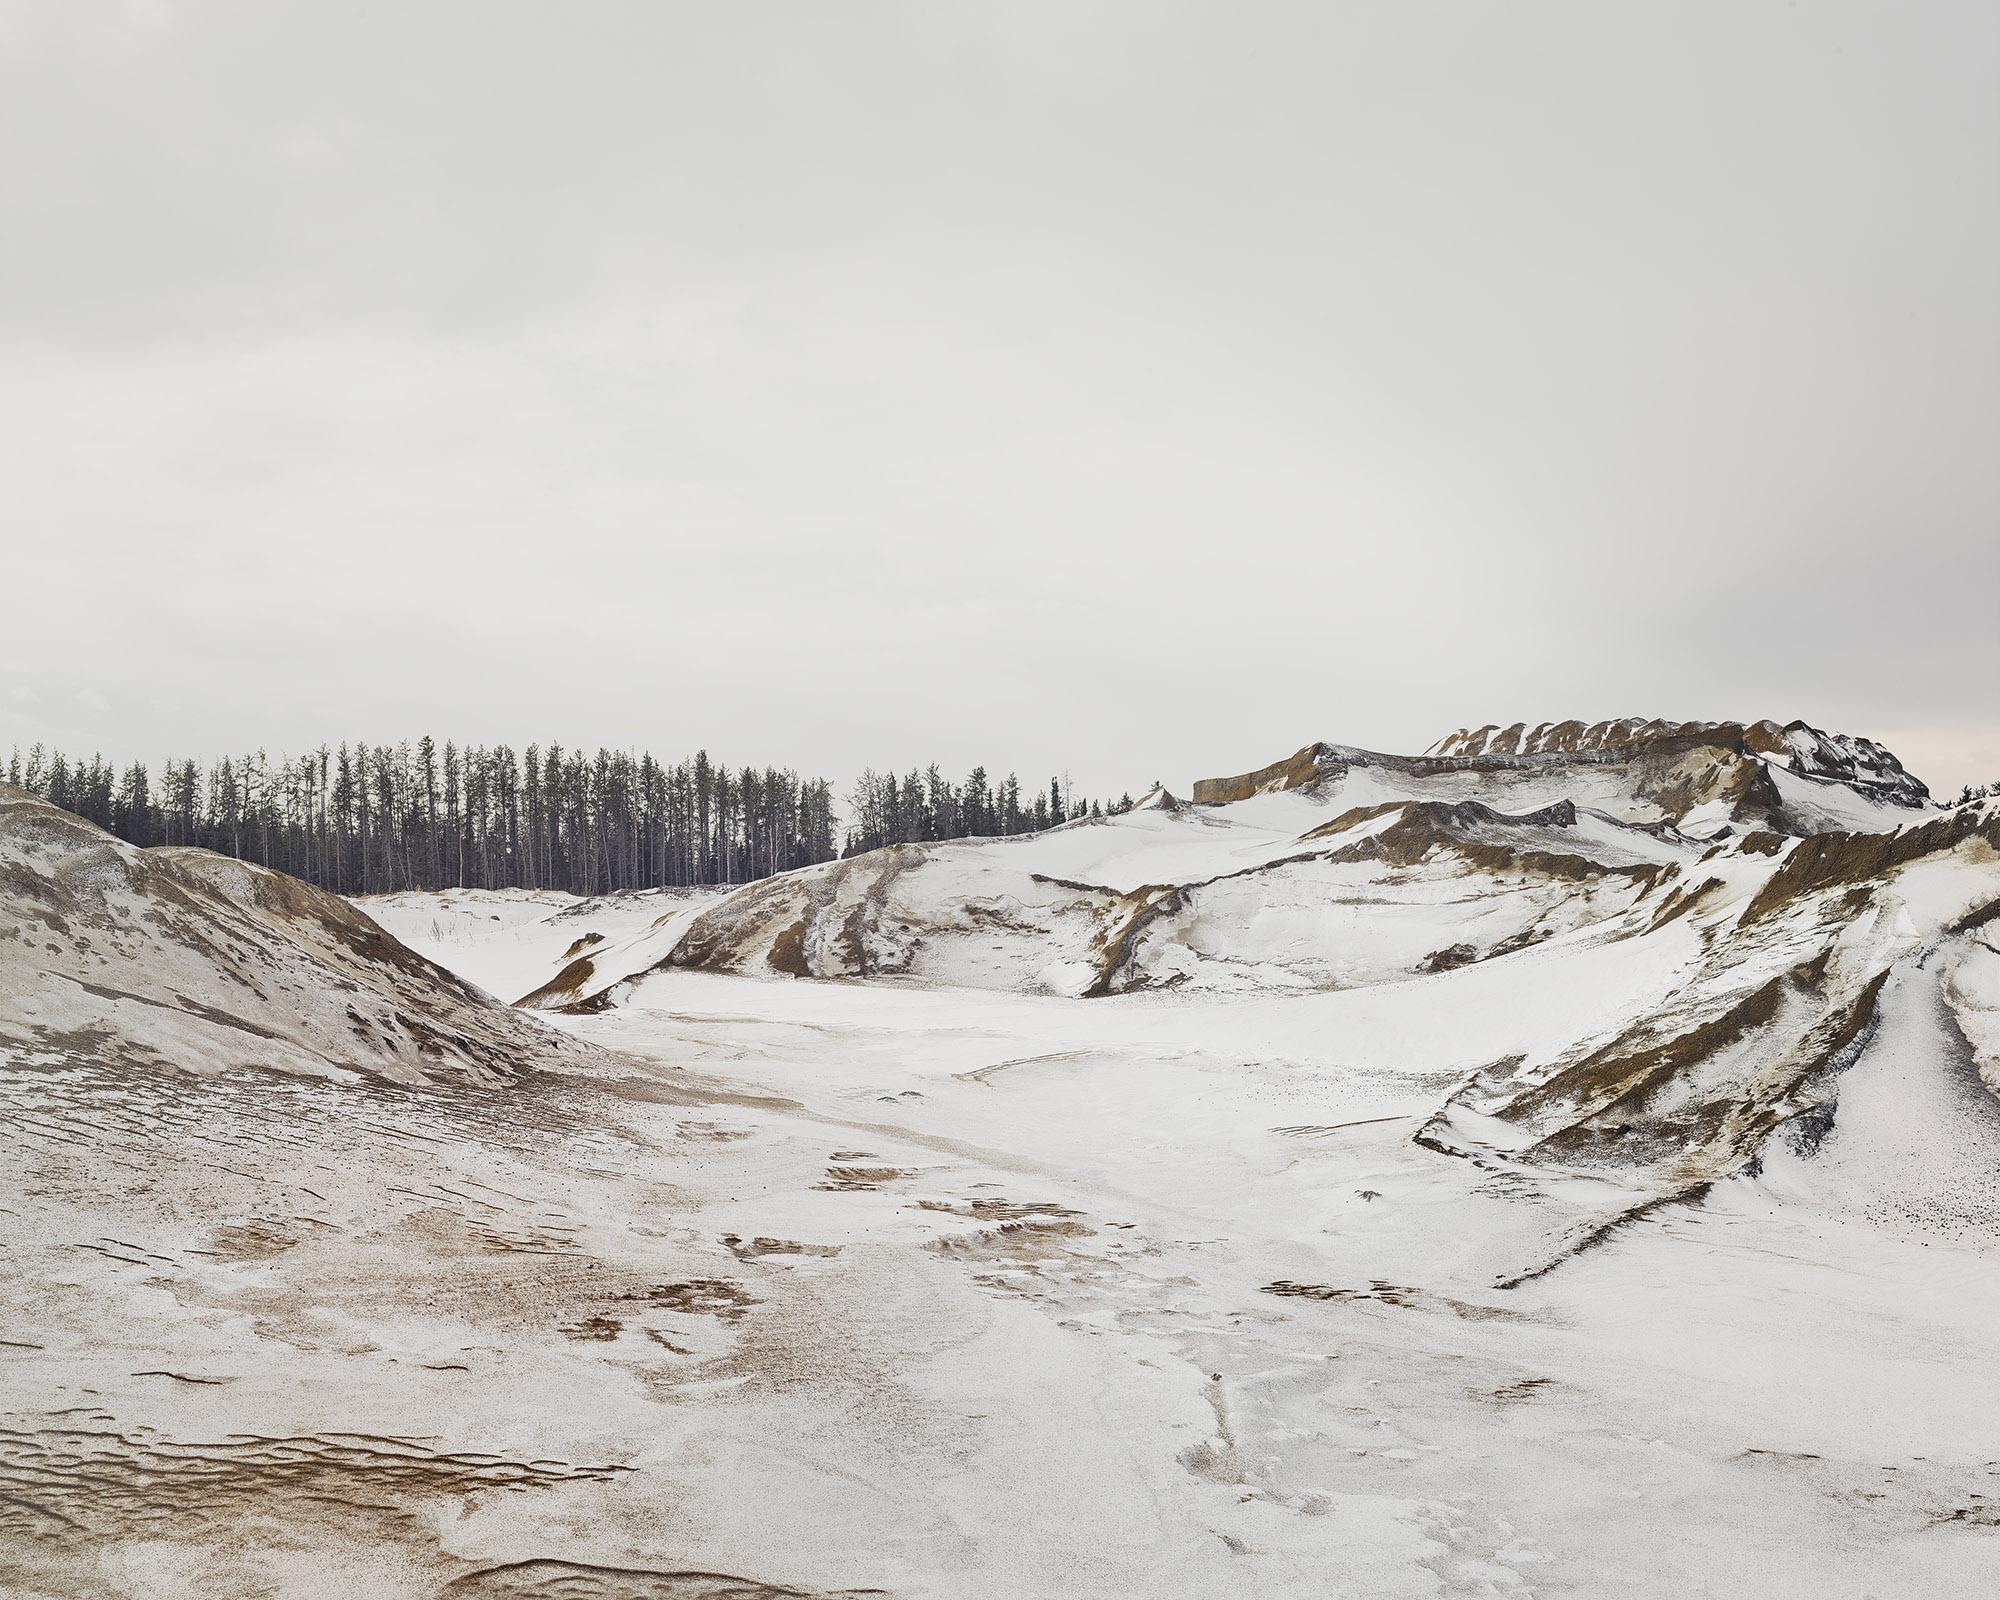 Aggregate Quarry, Firebag, Alberta, Canada, 2017